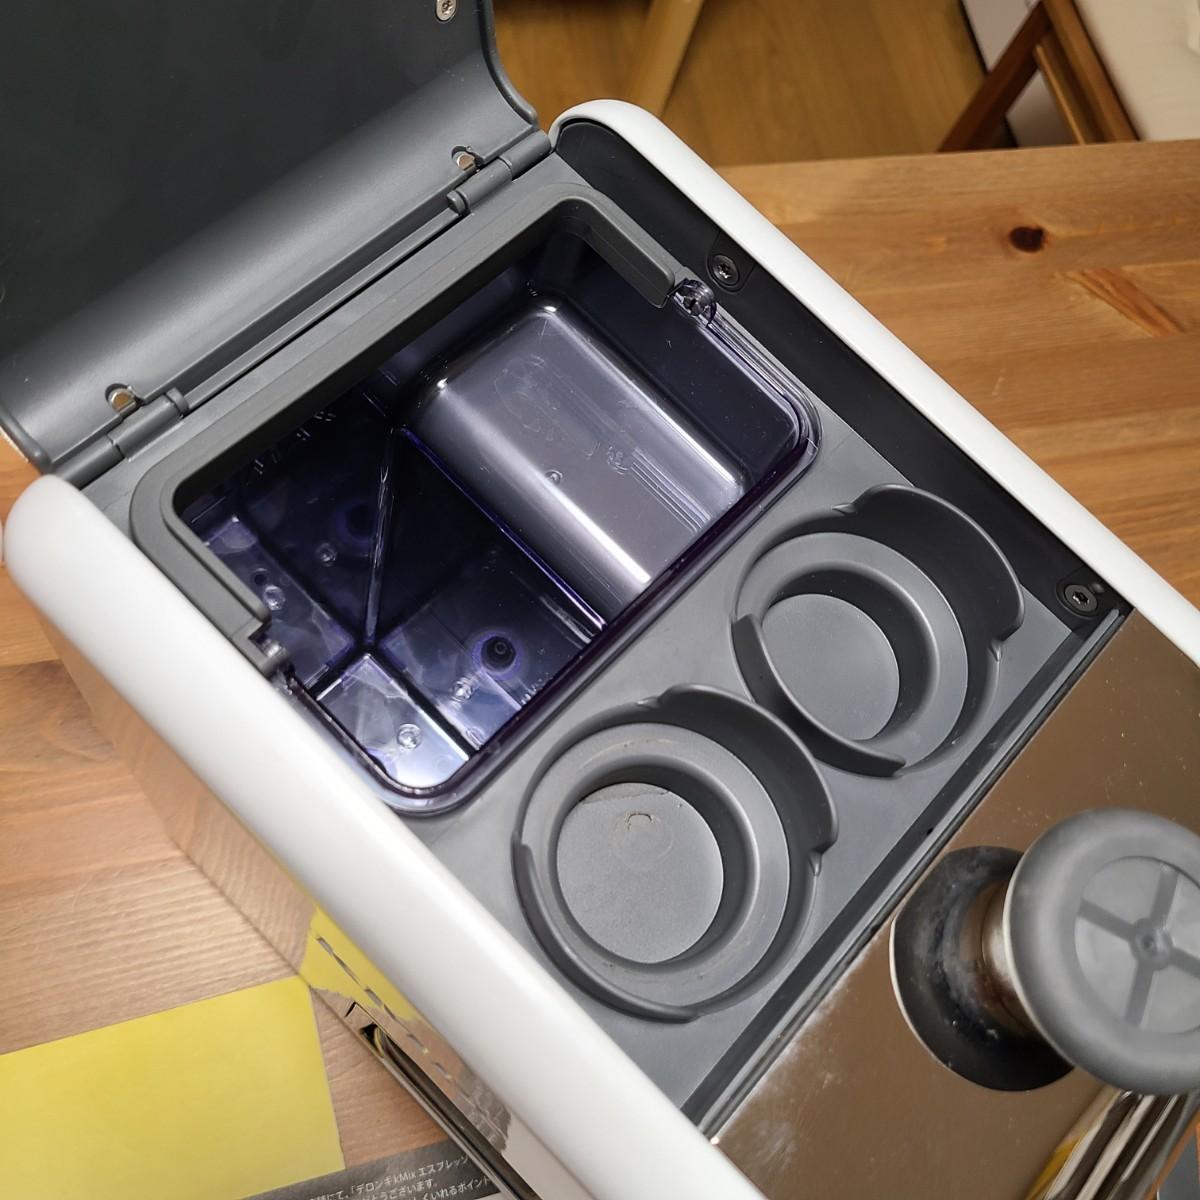 デロンギ DeLonghi ケーミックス エスプレッソ カプチーノ メーカー ES020J ホワイト